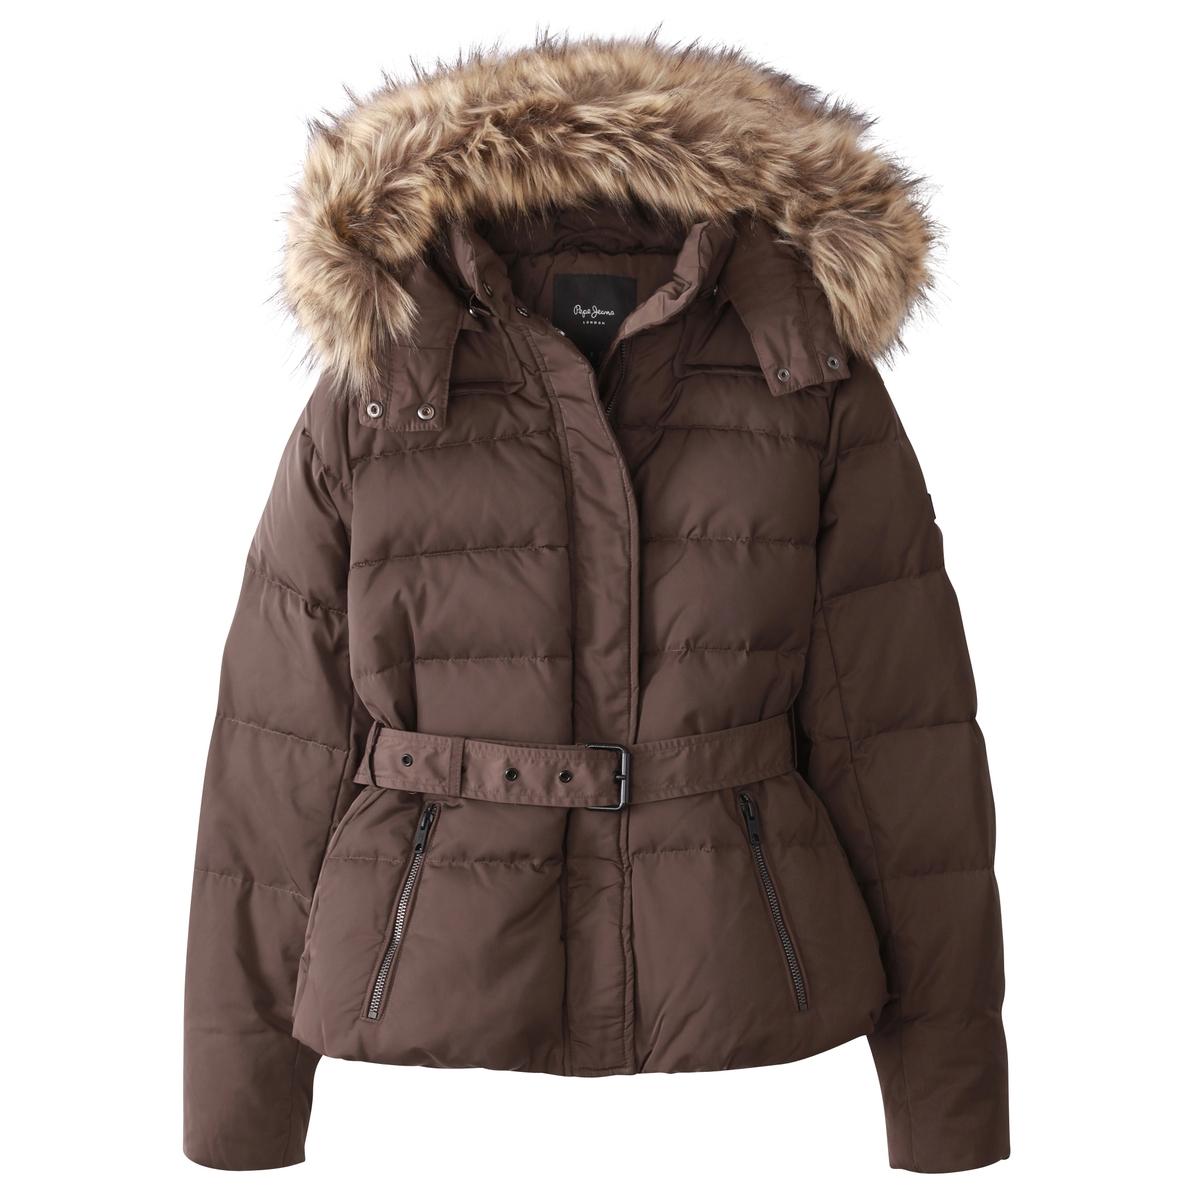 Куртка стеганаяДетали •  Длина  : удлиненная модель •  Капюшон  •  Застежка на молниюСостав и уход •  100% полиэстер •  Следуйте советам по уходу, указанным на этикетке<br><br>Цвет: хаки,черный,шоколадный